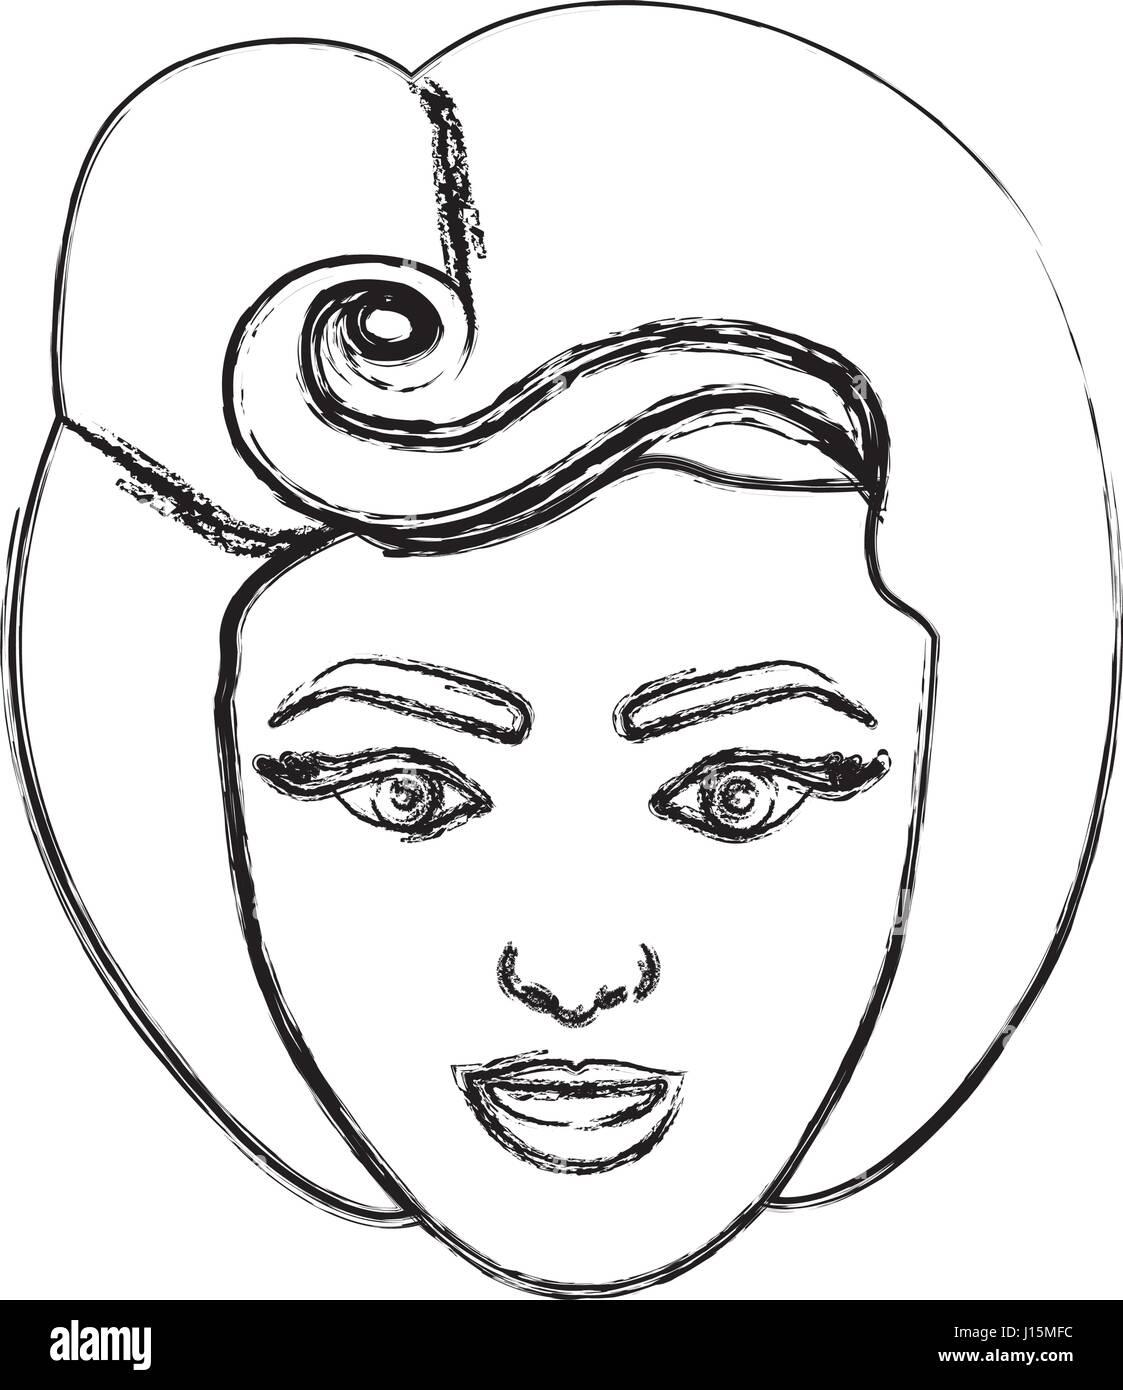 Verschwommene Silhouette Zeichnung Gesicht Frau Mit 80er